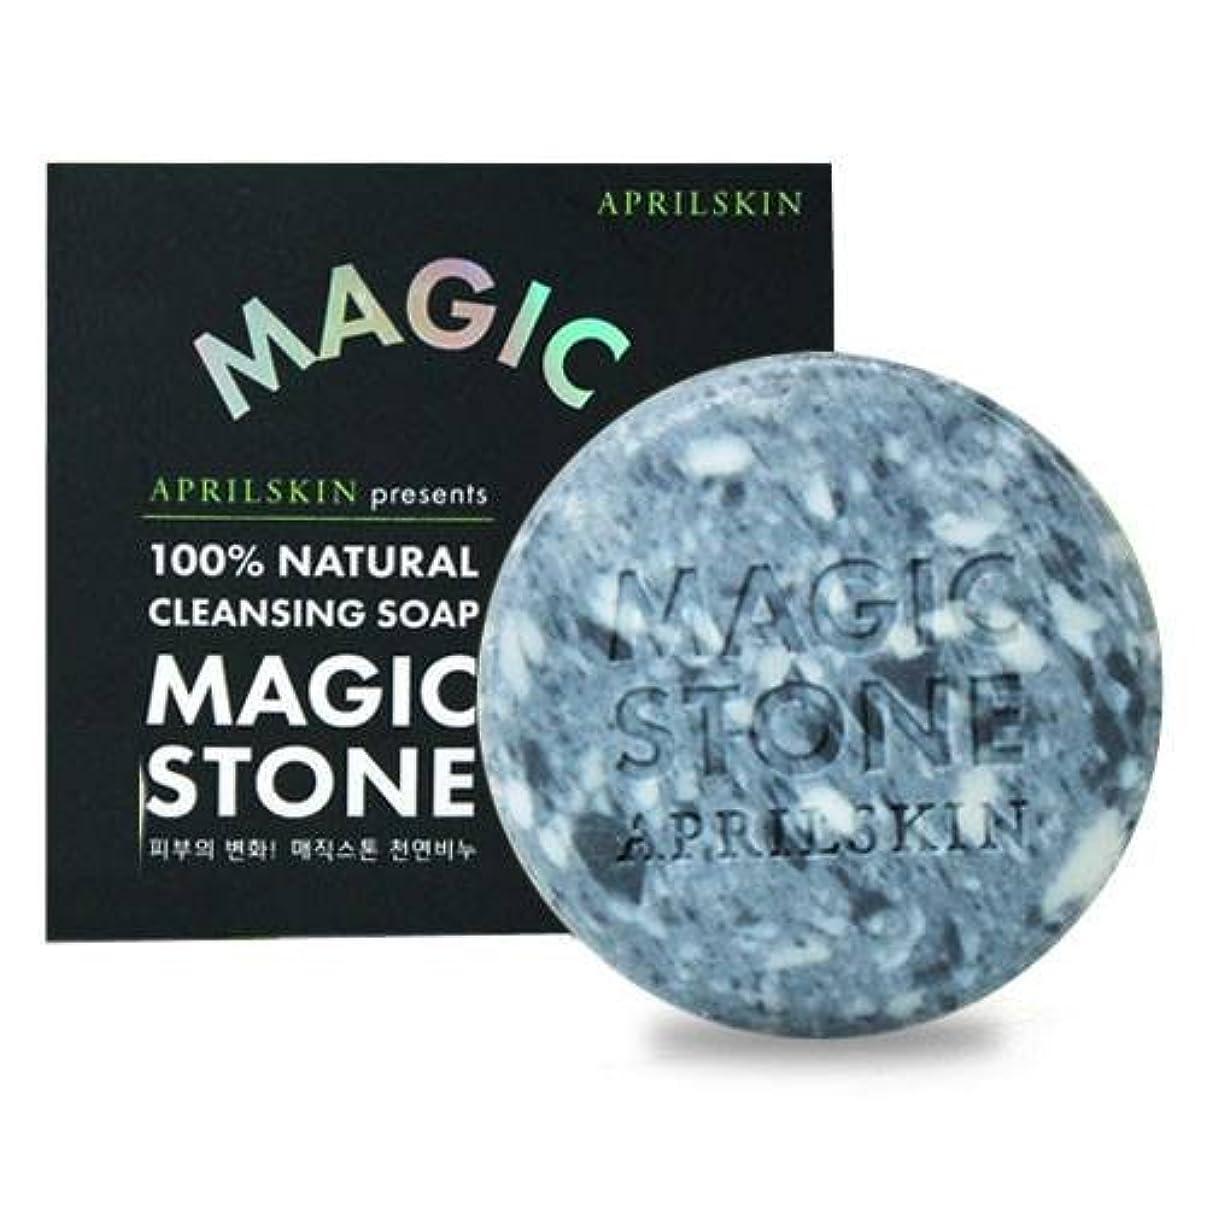 ますます勇気のある苦しむ[APRILSKIN] エイプリルスキン国民石鹸 (APRIL SKIN magic stone マジックストーンのリニューアルバージョン新発売) (ORIGINAL) [並行輸入品]